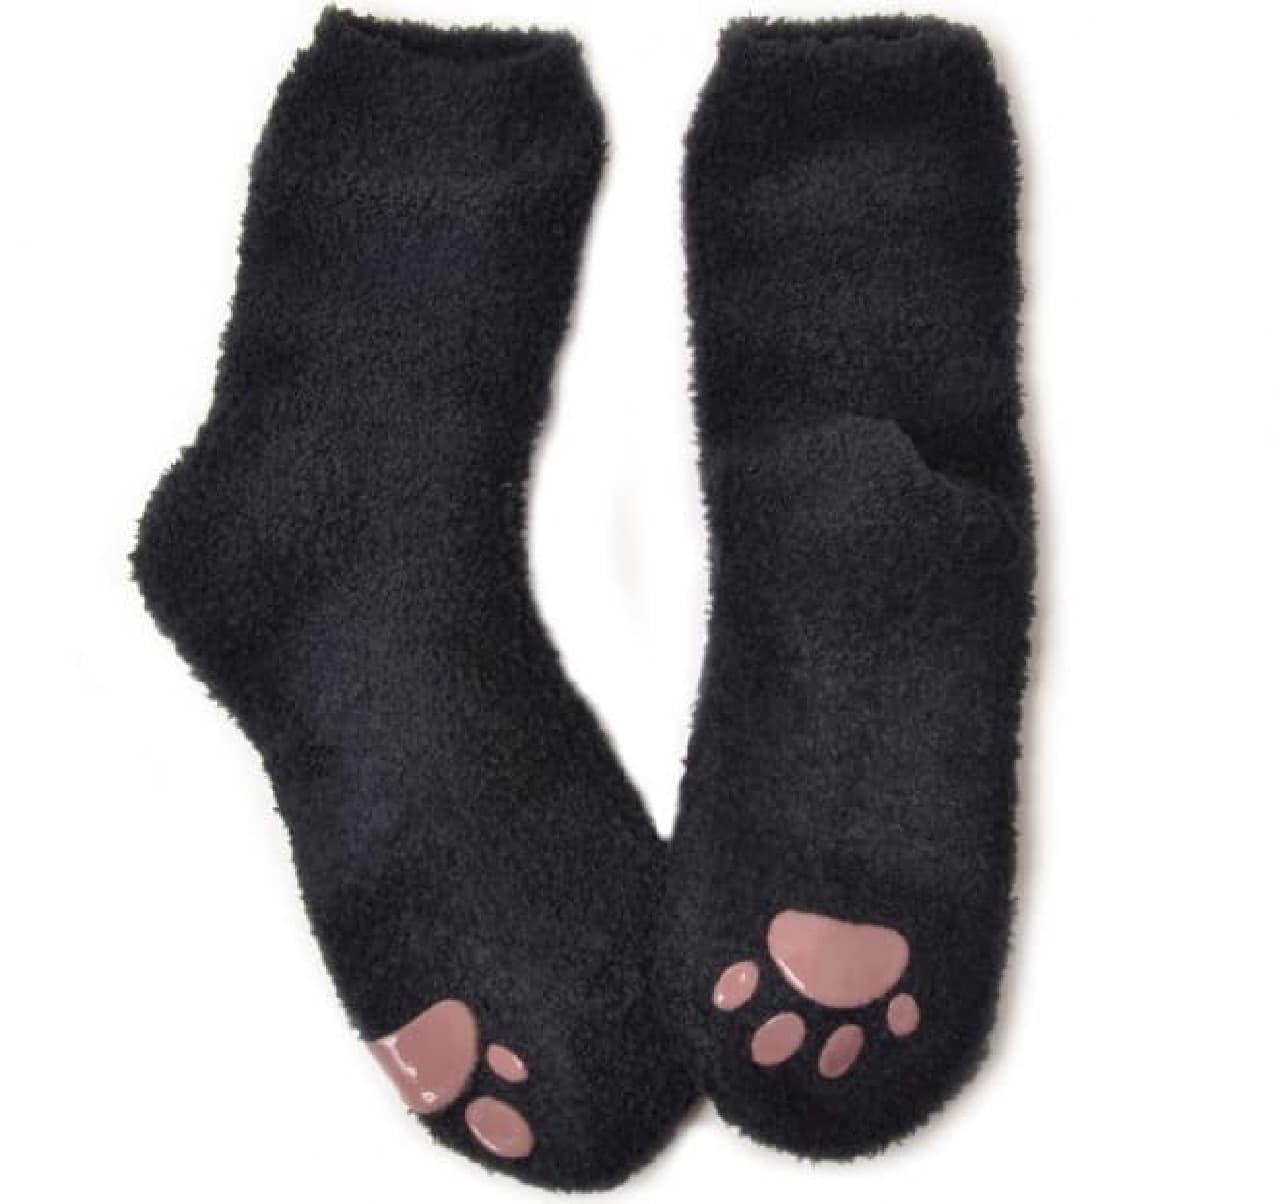 「クロ猫足もふもふルームソックス」  肉球すべり止め付き